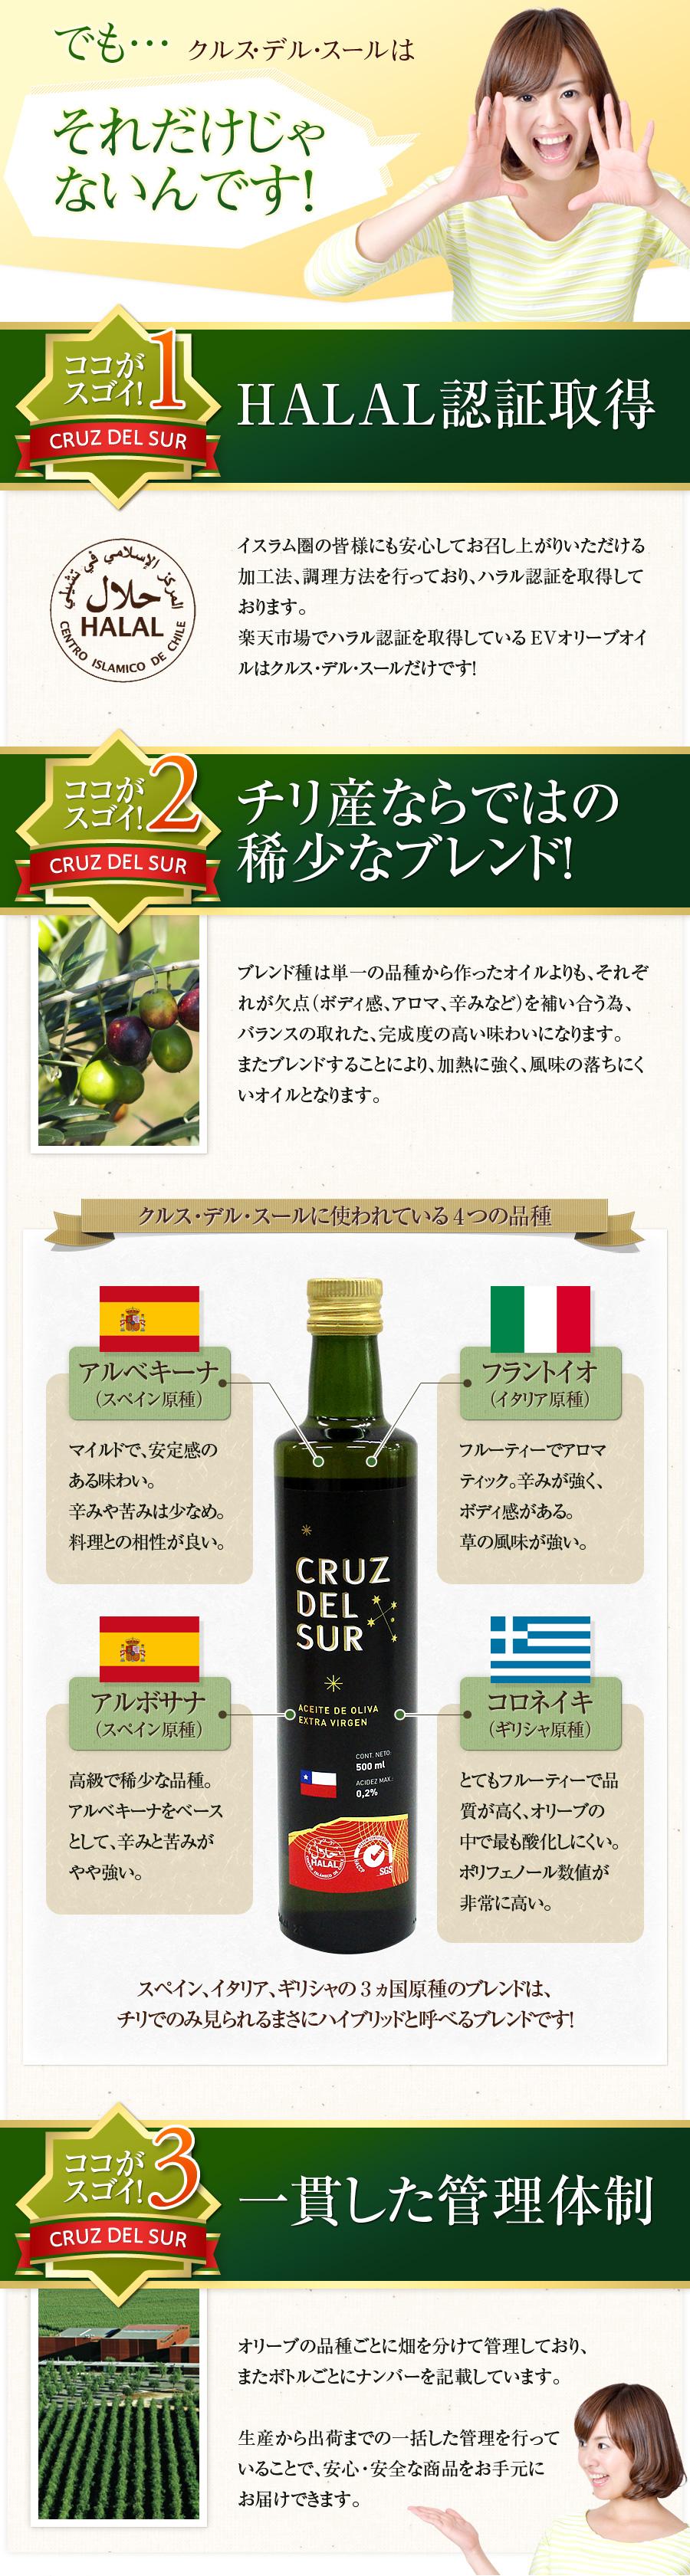 ブレンドすることにより、それぞれの品種がそれぞれの品種の欠点を補うため、バランスの取れた味わいになります。また加熱に強い、つまり炒め物に使用しても風味の落ちにくいオイルとなります。○アルベキーナ(スペイン原種)マイルドで、安定感のある味わい。辛みや苦みは少なめ。料理に使いやすい。○アルボサナ(スペイン原種)高級で希少な品種。アルベキーナと似た味わいだが、辛みと苦みがやや強い。○フラントイオ(イタリア原種)フルーティーでアロマティック。辛みが強く、ボディ感がある。草の風味が強い。○コロネイキ(ギリシャ原種)<br>とてもフルーティーでオイルの品質が高く、オリーブの中で最も酸化しにくい品種。